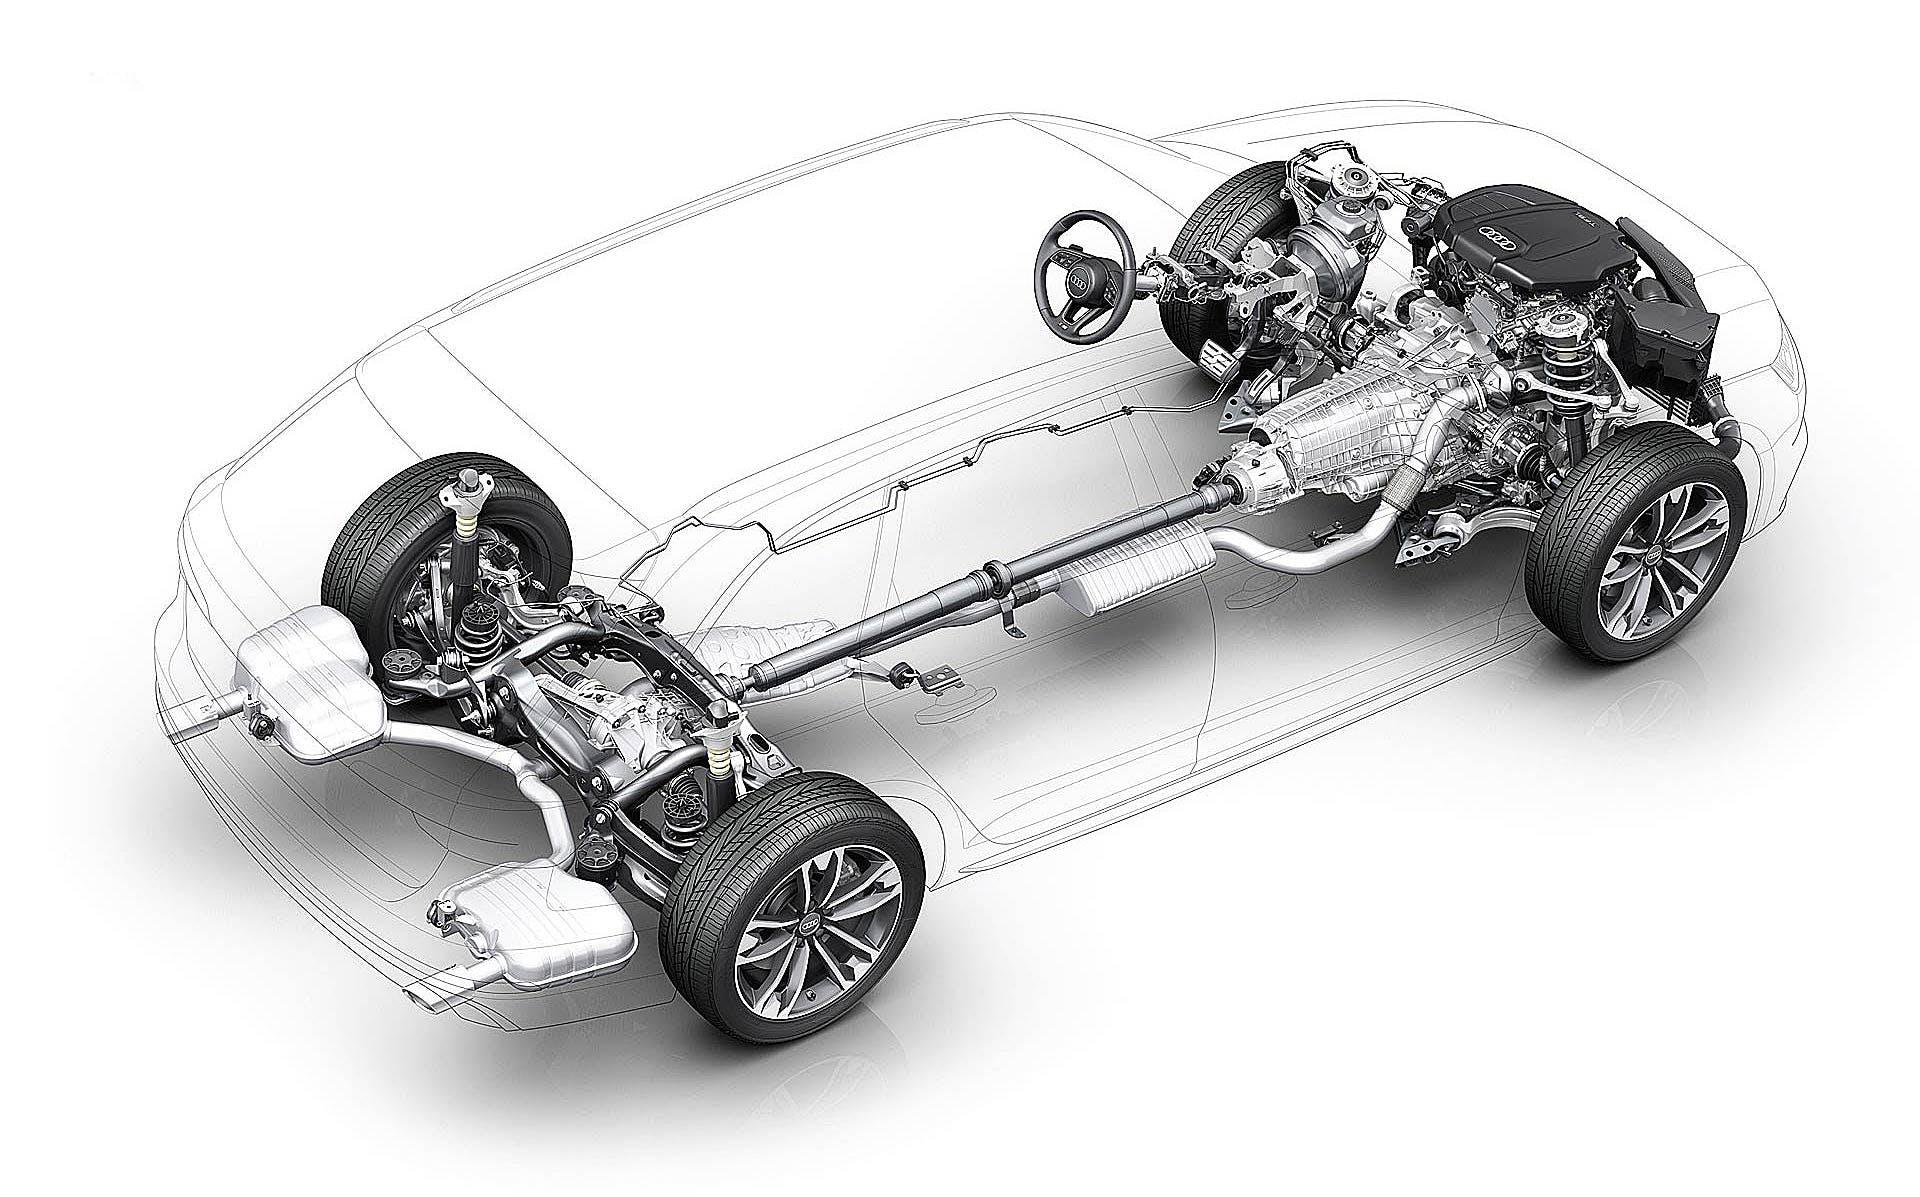 Schema in trasparenza del sistema di trazione integrale Audi quattro ultra